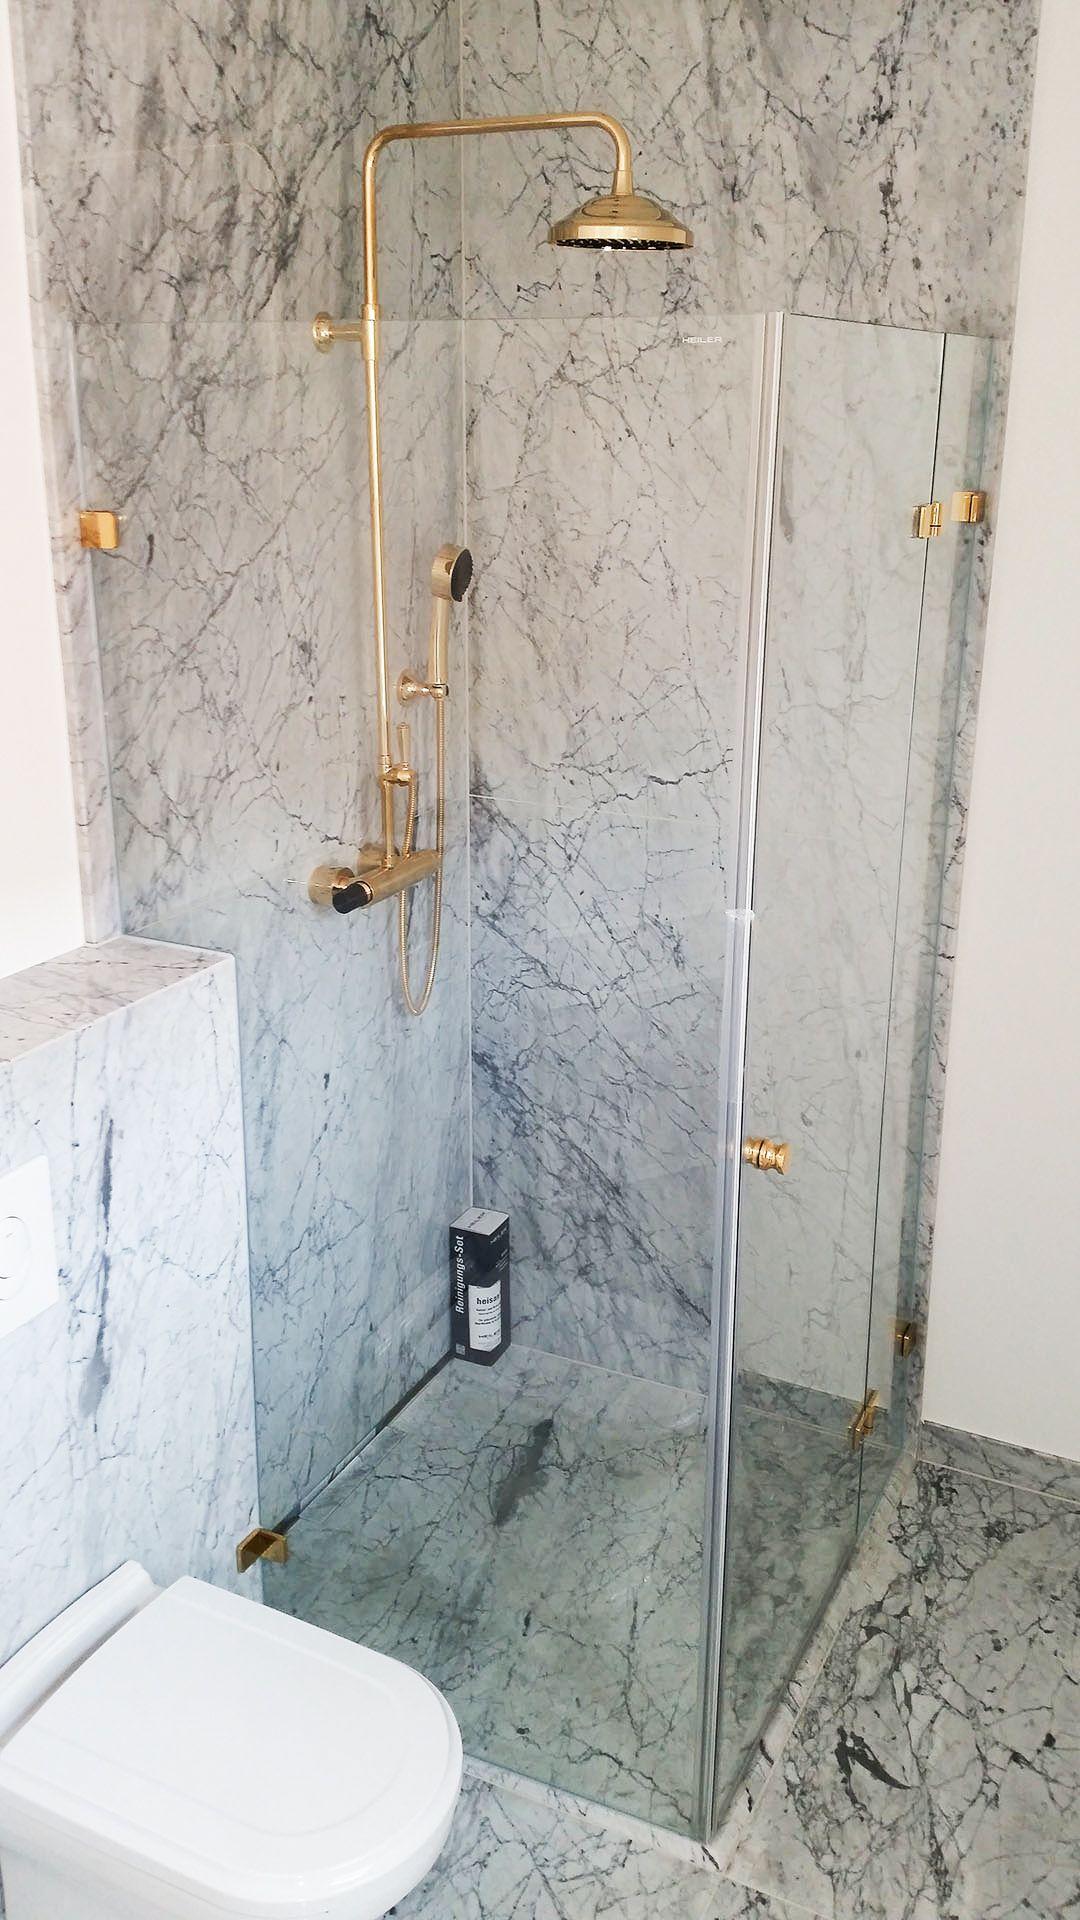 Messing Marmor Im Bad Glasduschen Kleine Badezimmer Badezimmereinrichtung